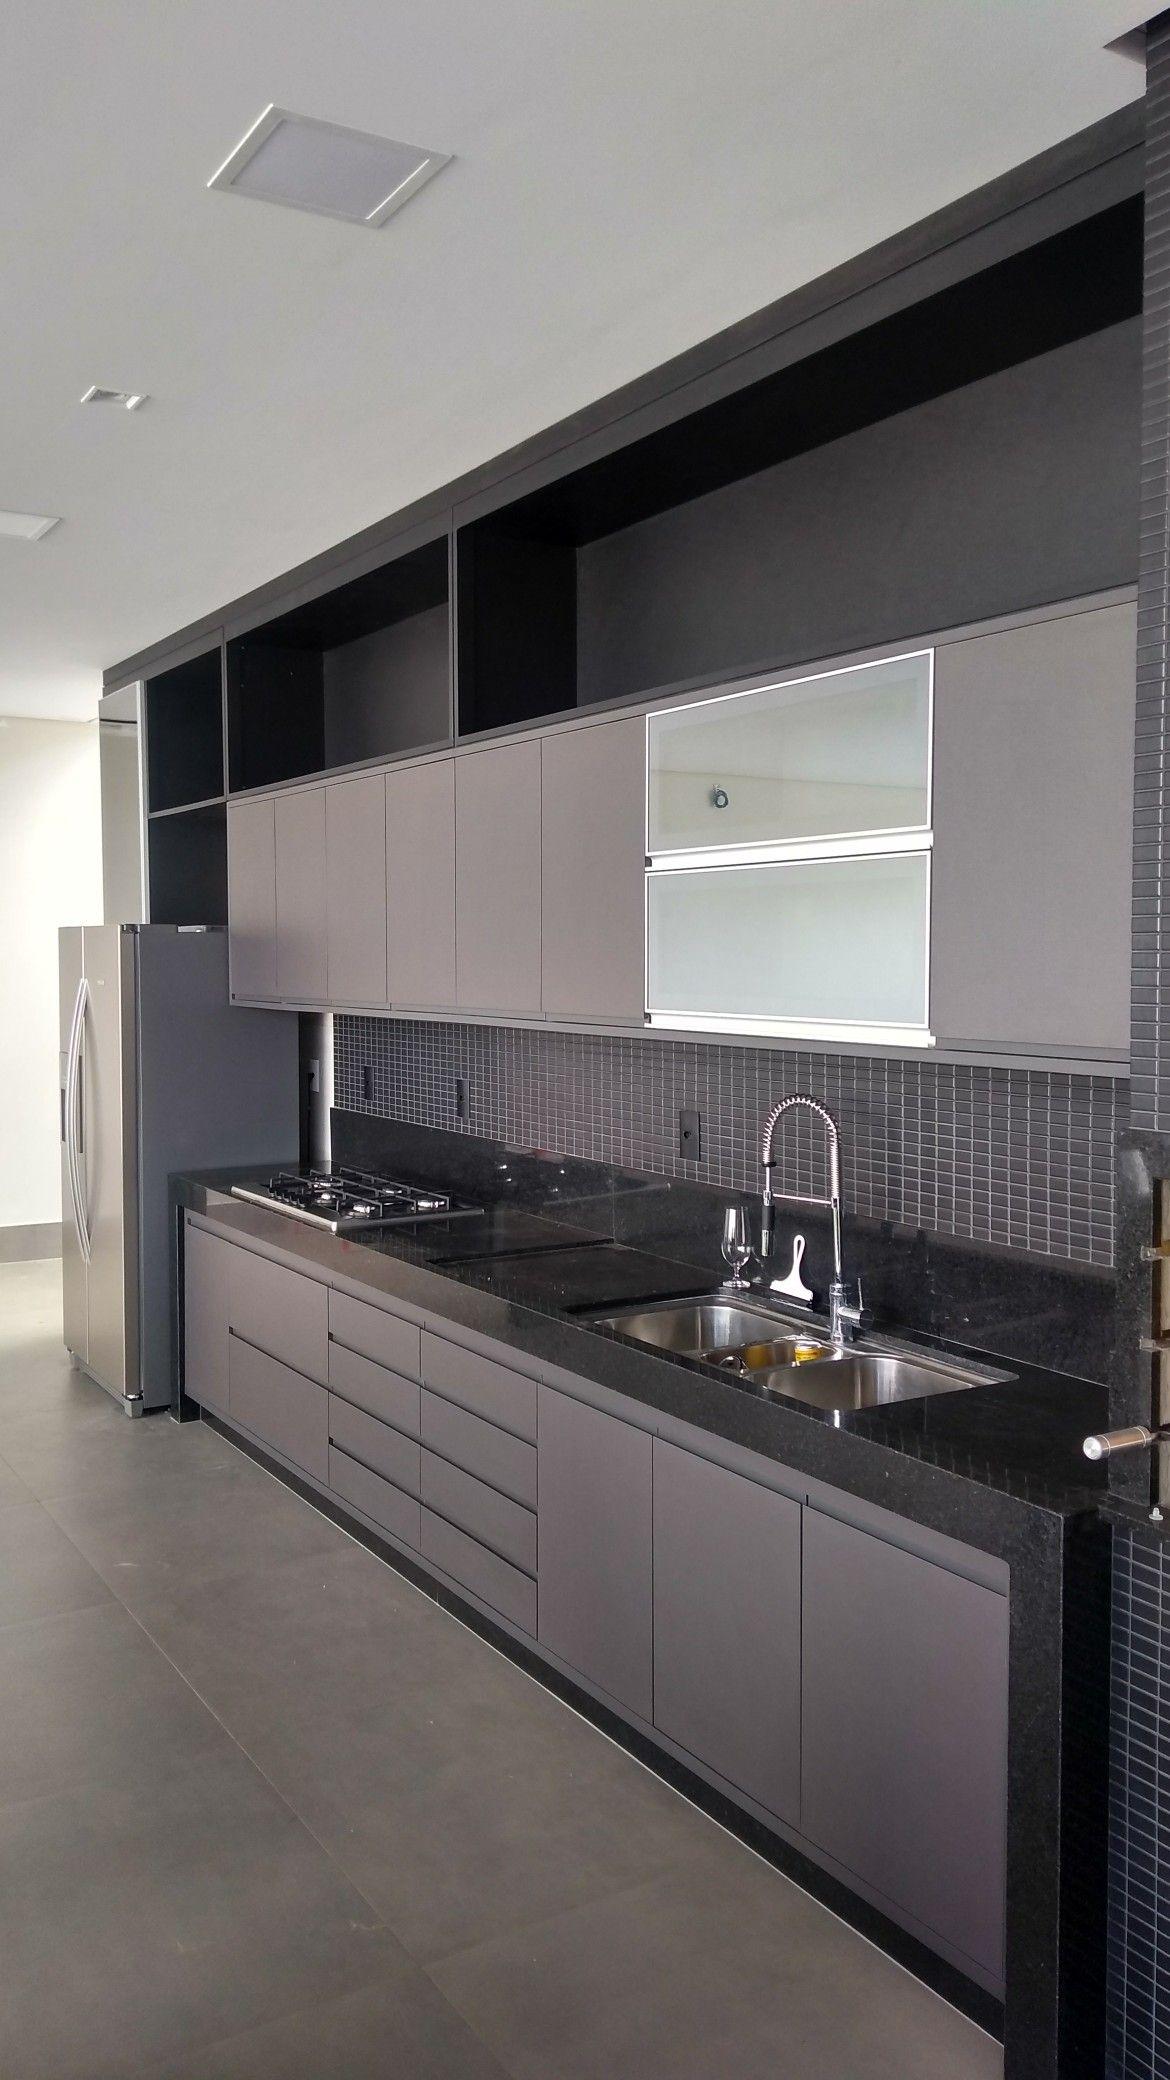 Cozinhas Interior Kitchen Em 2019 Design De Interior